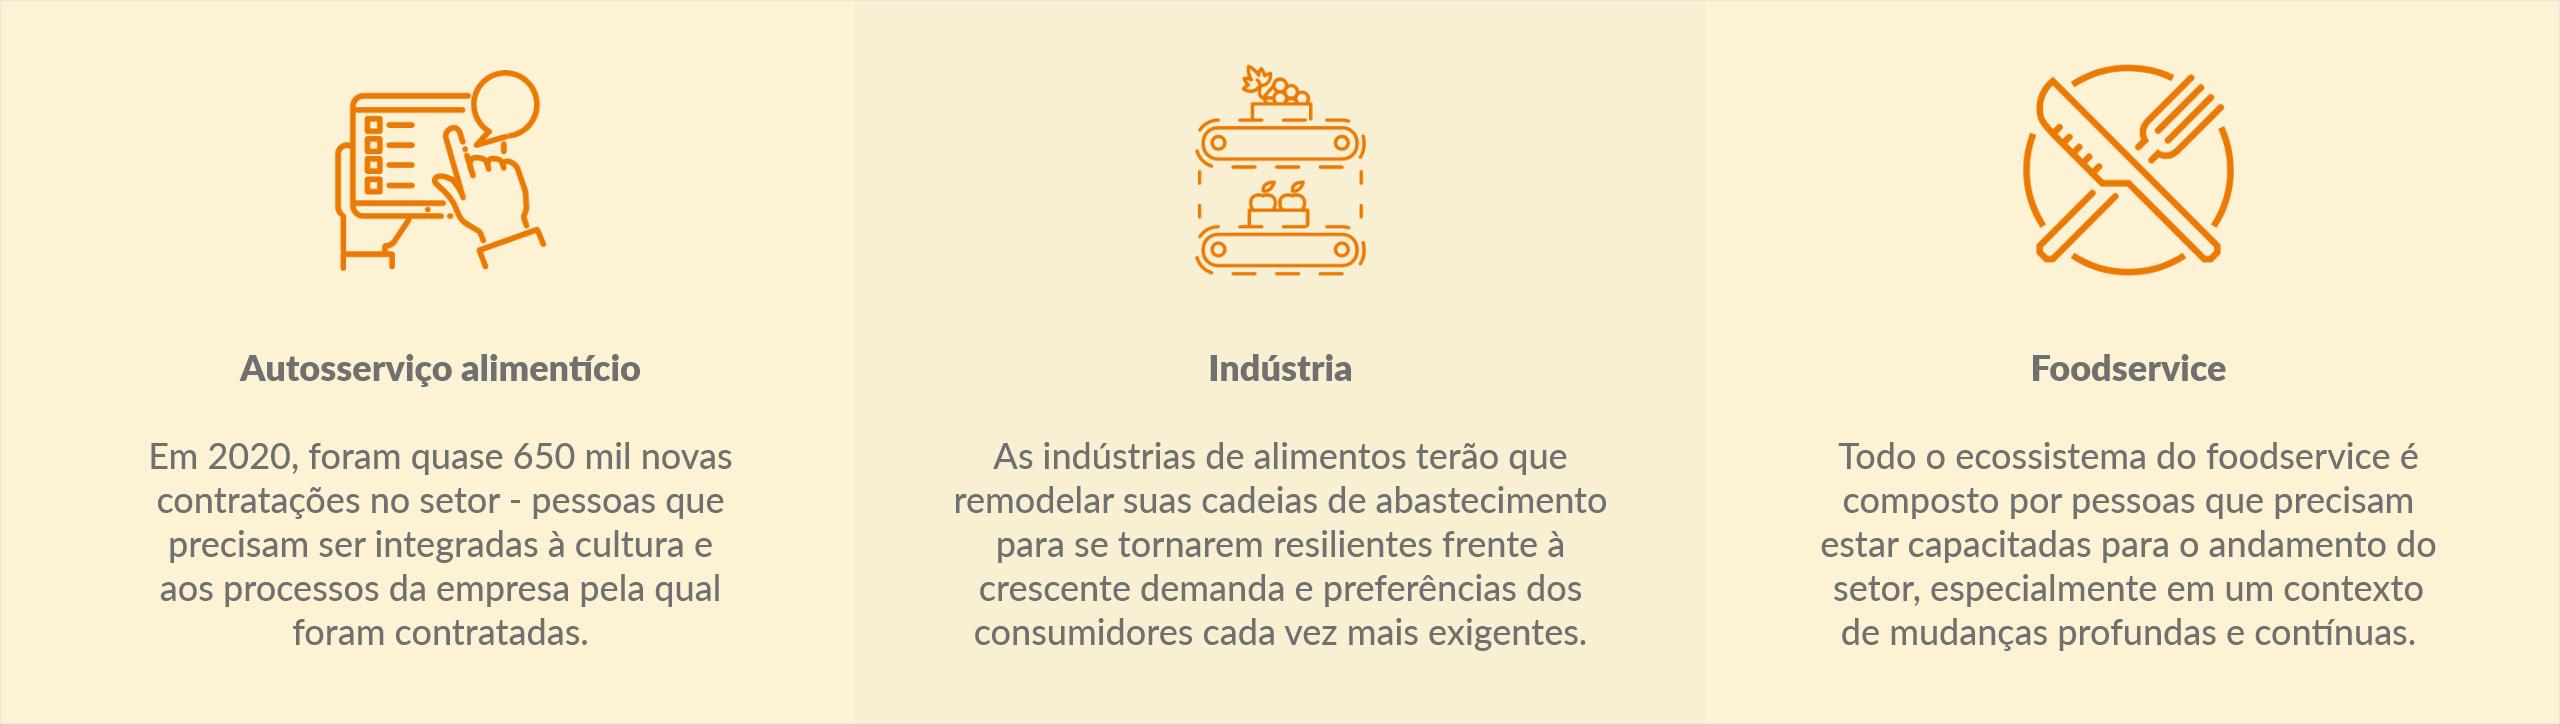 blog-dot-digital-group-capacitacao-corporativa-no-setor-de-alimentos-como-estrategia-para-inovacao-infografico